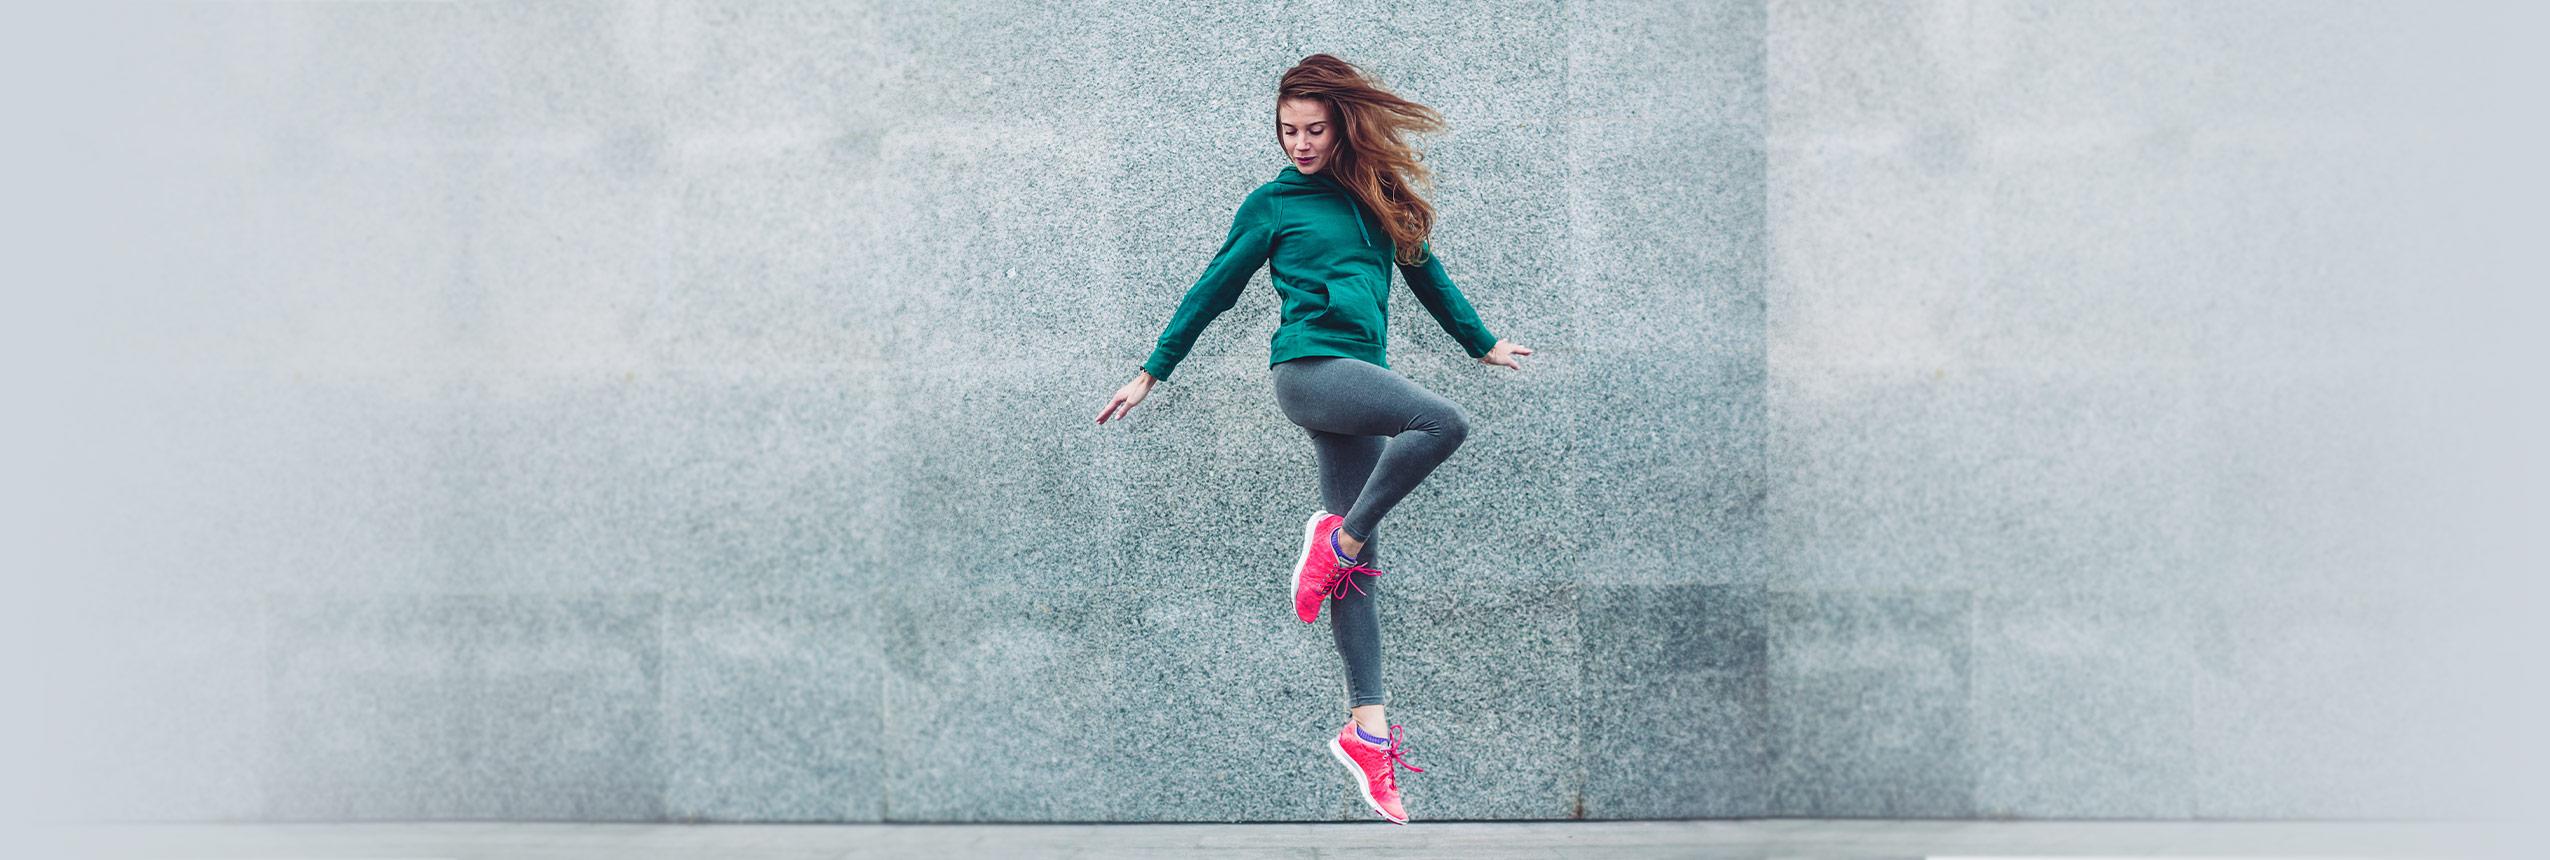 jumpers knee muenchen orthopaede - Jumpers Knee